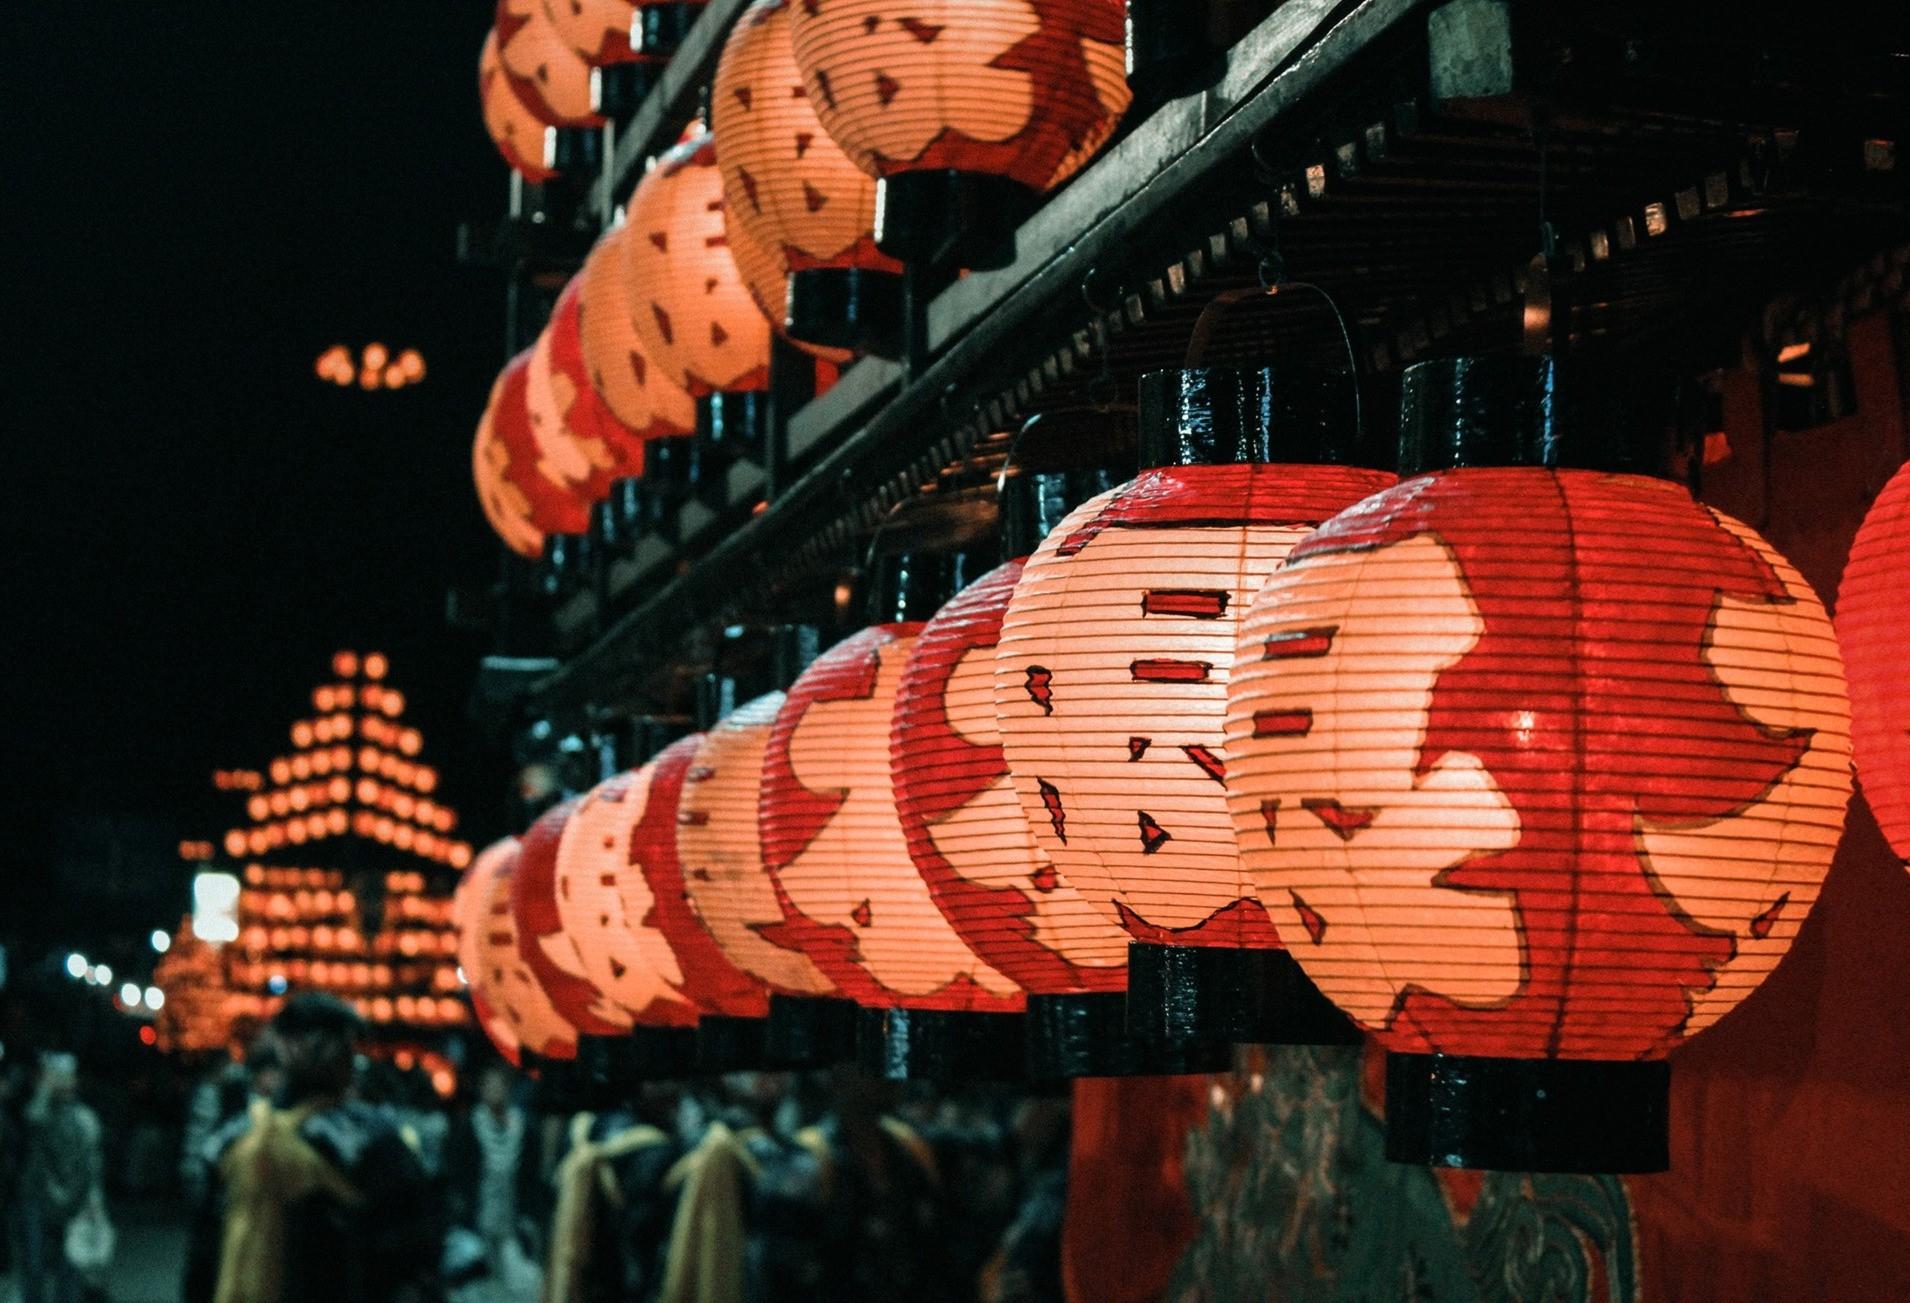 Chiêm ngưỡng lễ hội đèn lồng 350 tuổi ở Nhật Bản - Ảnh 1.